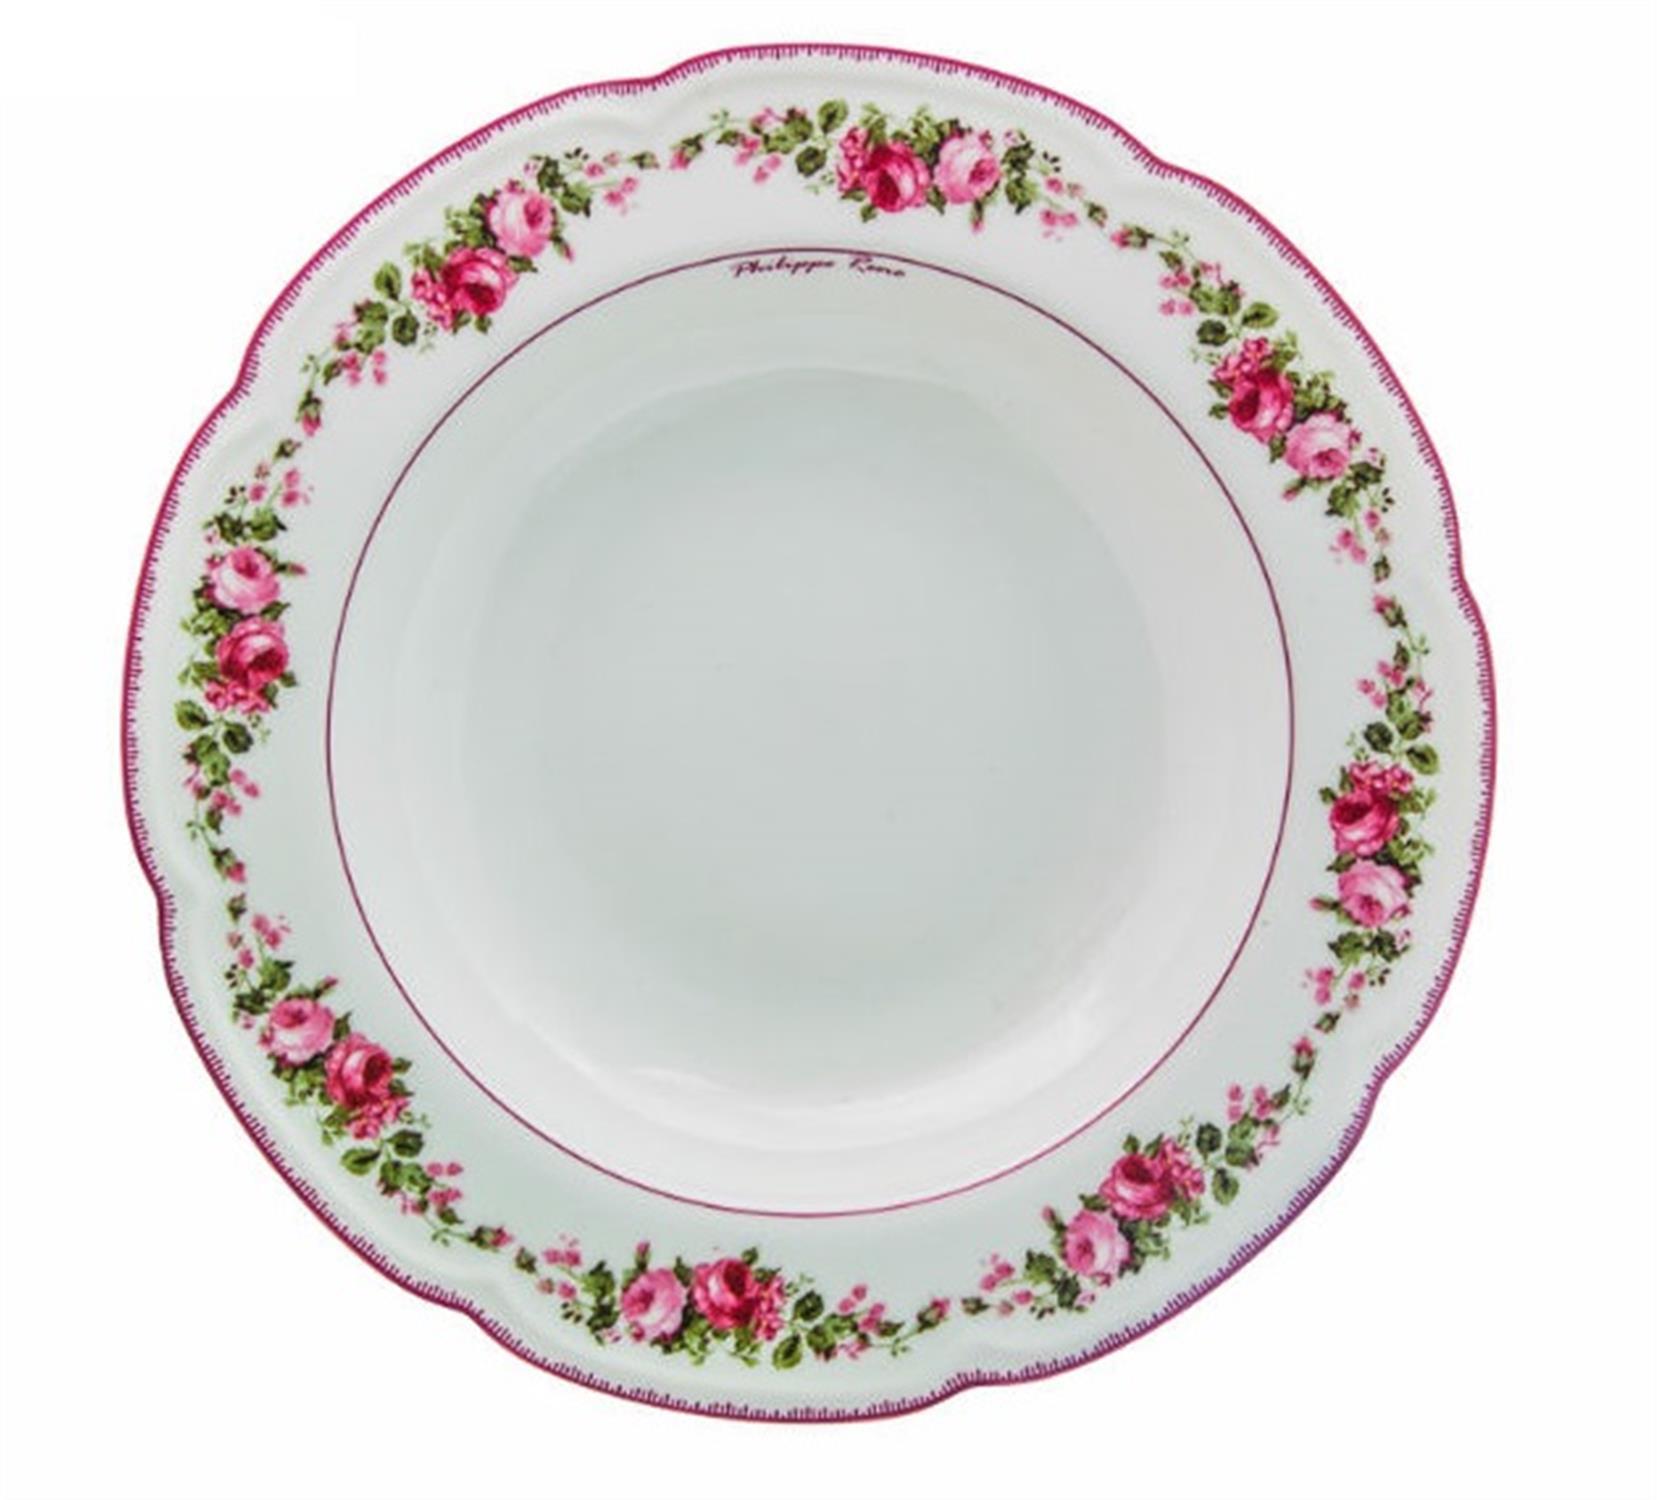 Πιάτο βαθύ Blossom πορσελάνινο φλοράλ/παστέλ ροζ Δ23cm